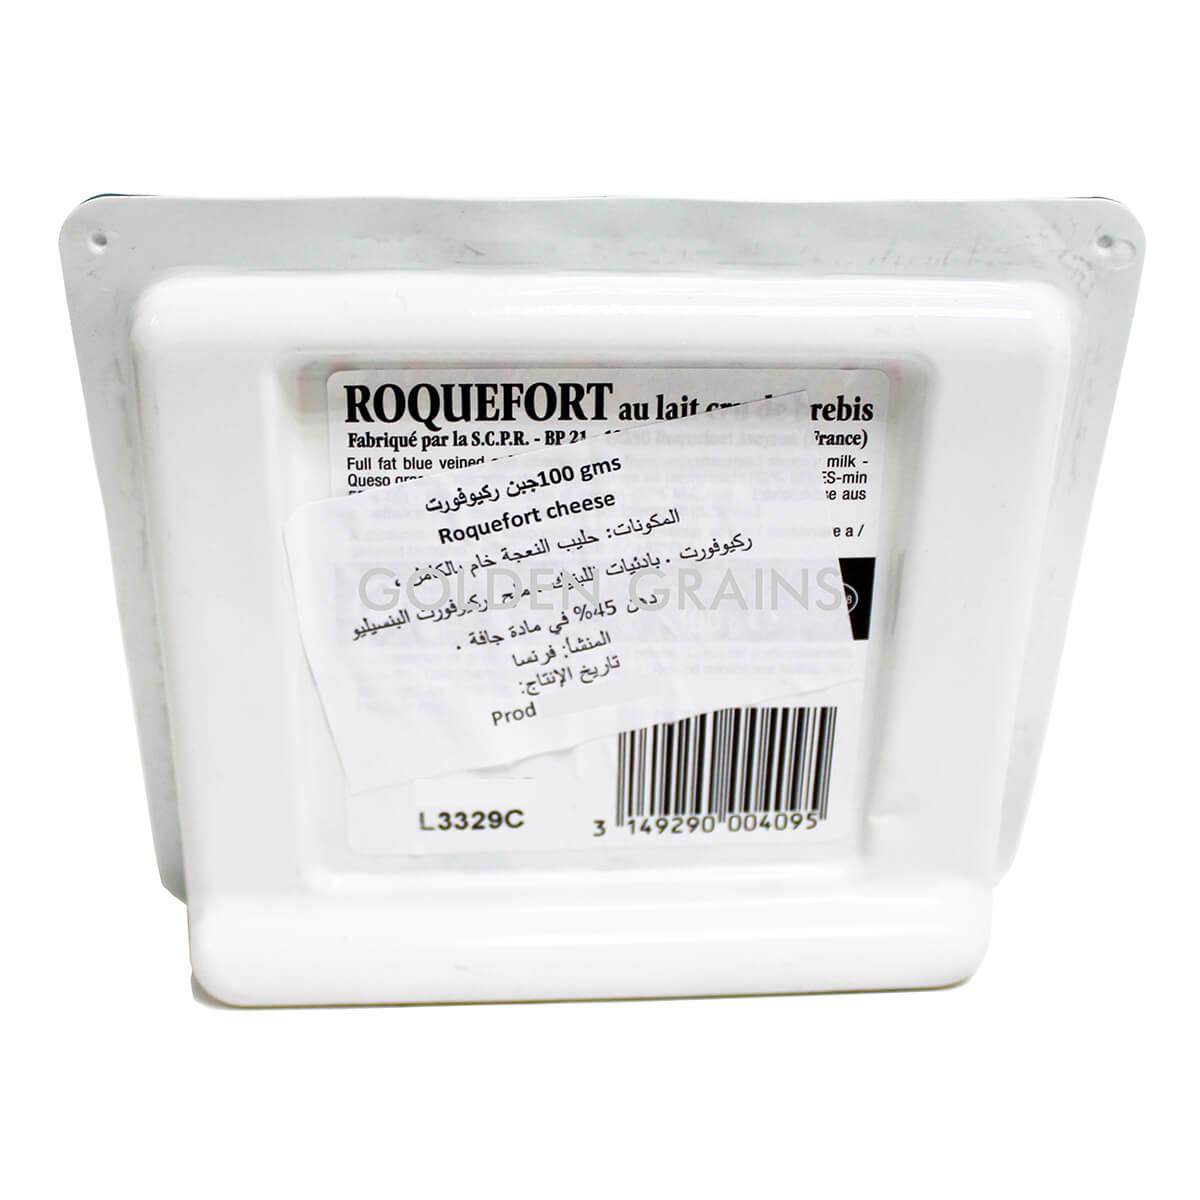 Roquefort Back